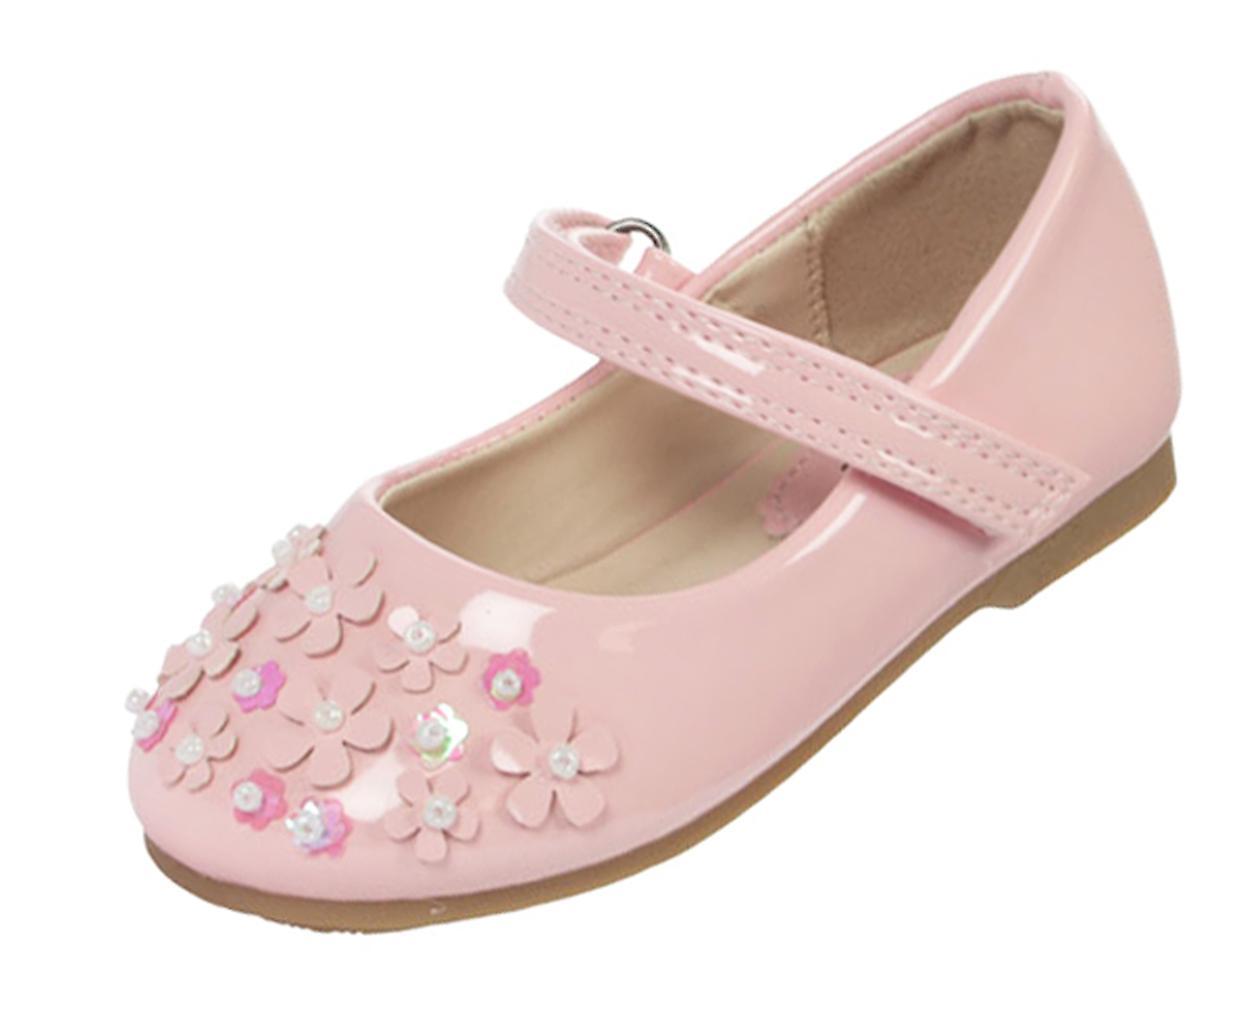 Infant girls rosa patent occasion ballerina scarpe | Louis, in dettaglio  | Scolaro/Signora Scarpa